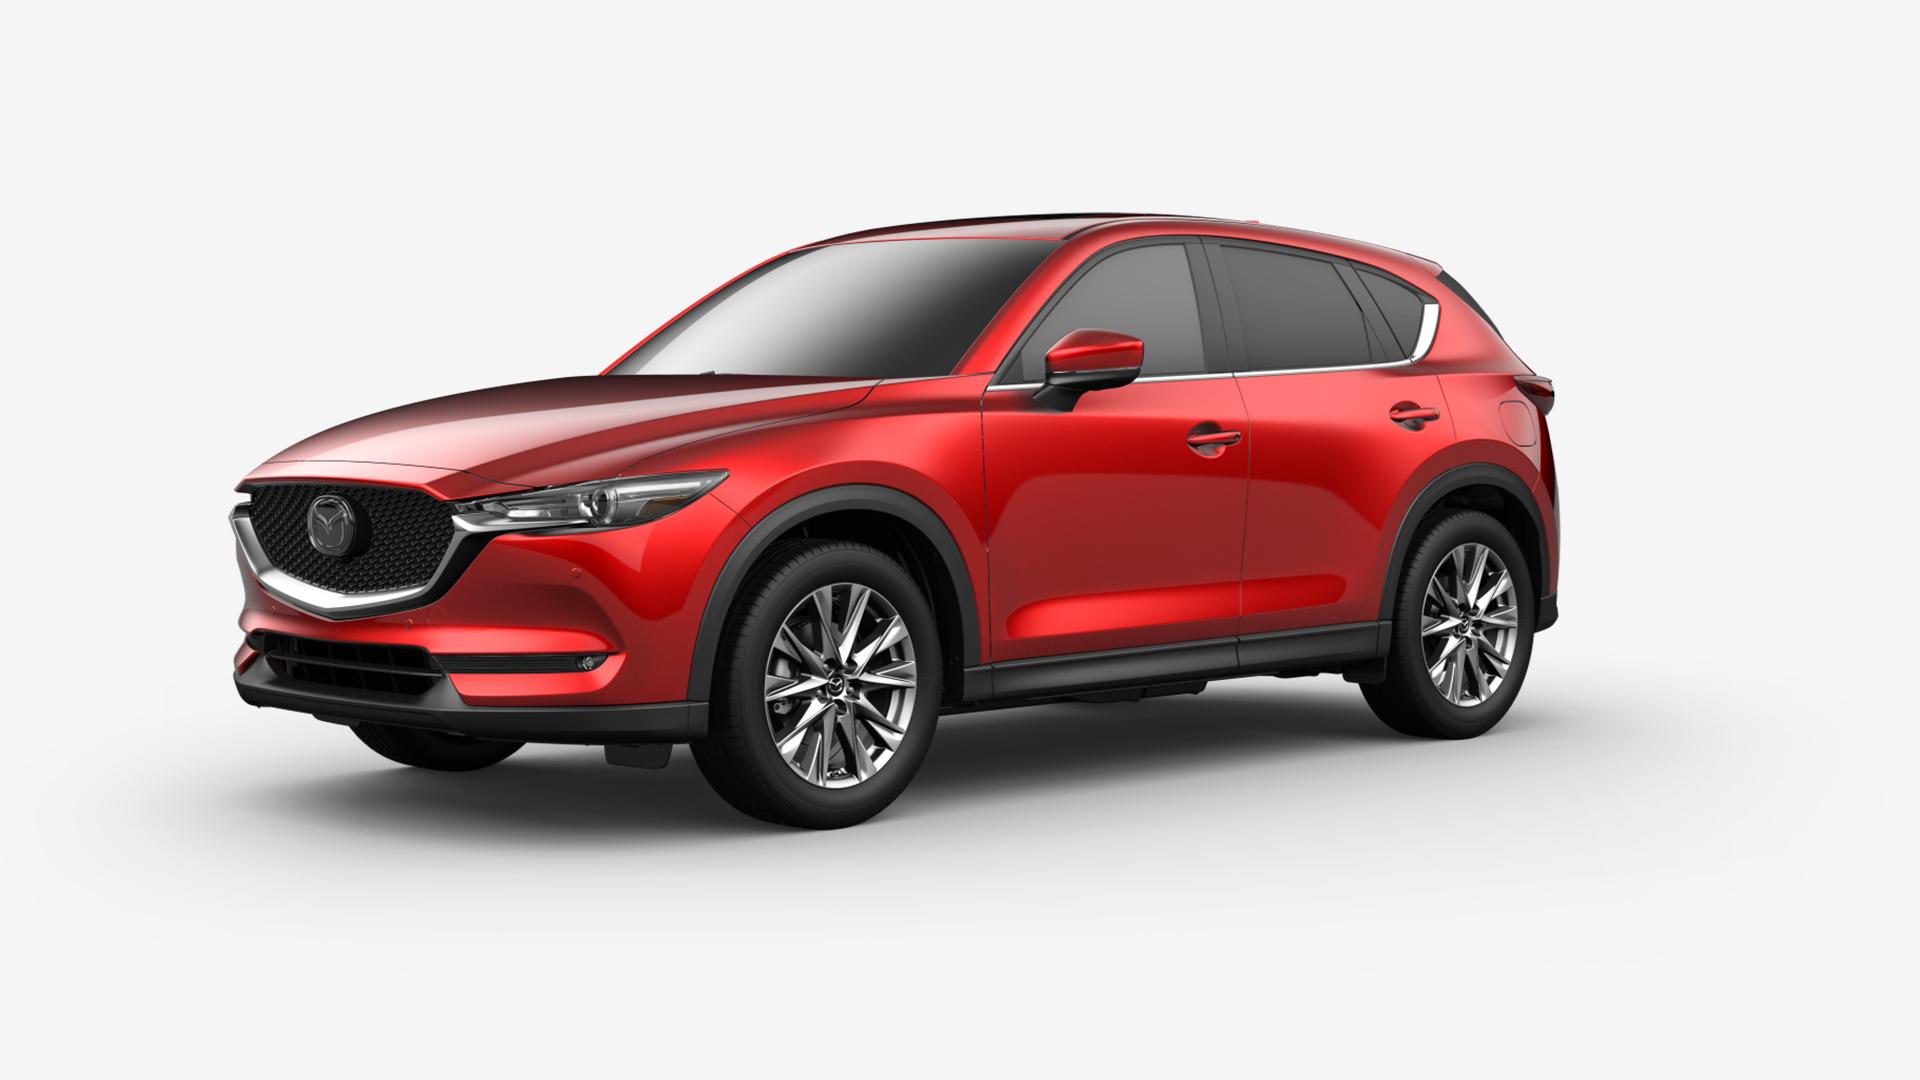 2019 mazda cx-5 crossover suv - fuel efficient suv | mazda usa